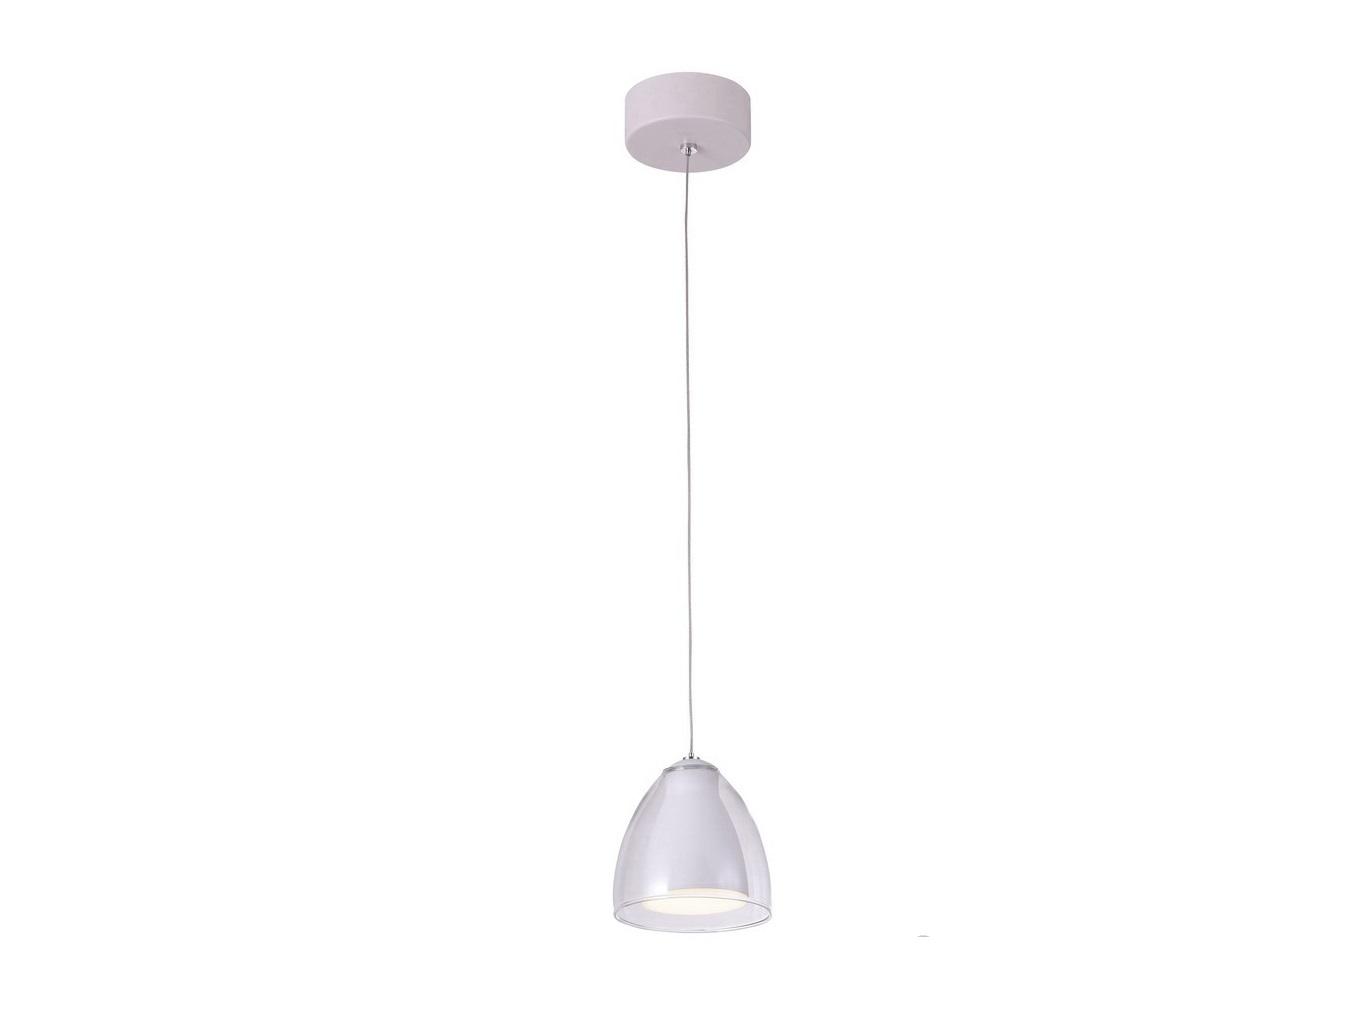 Светильник подвесной MirellaПодвесные светильники<br>Светодиодный подвесной светильник в стиле Хай-Тек. Светильник со встроенной светодиодной матрицей общей мощностью 3W (Эквивалент лампы накаливания 20 W). Цветовая температура 4000-4200К. <br>Высоту подвеса светильника можно регулировать от 20см до 100см.<br>Светильник поставляется в собранном виде и имеет в комплекте все необходимые для монтажа крепежные элементы.&amp;lt;div&amp;gt;&amp;lt;br&amp;gt;&amp;lt;/div&amp;gt;&amp;lt;div&amp;gt;&amp;lt;div&amp;gt;Цоколь: LED&amp;lt;/div&amp;gt;&amp;lt;div&amp;gt;Мощность лампы: 3W&amp;lt;/div&amp;gt;&amp;lt;div&amp;gt;Количество ламп: 1&amp;lt;/div&amp;gt;&amp;lt;/div&amp;gt;&amp;lt;div&amp;gt;&amp;lt;br&amp;gt;&amp;lt;/div&amp;gt;<br><br>Material: Металл<br>Height см: 100<br>Diameter см: 12